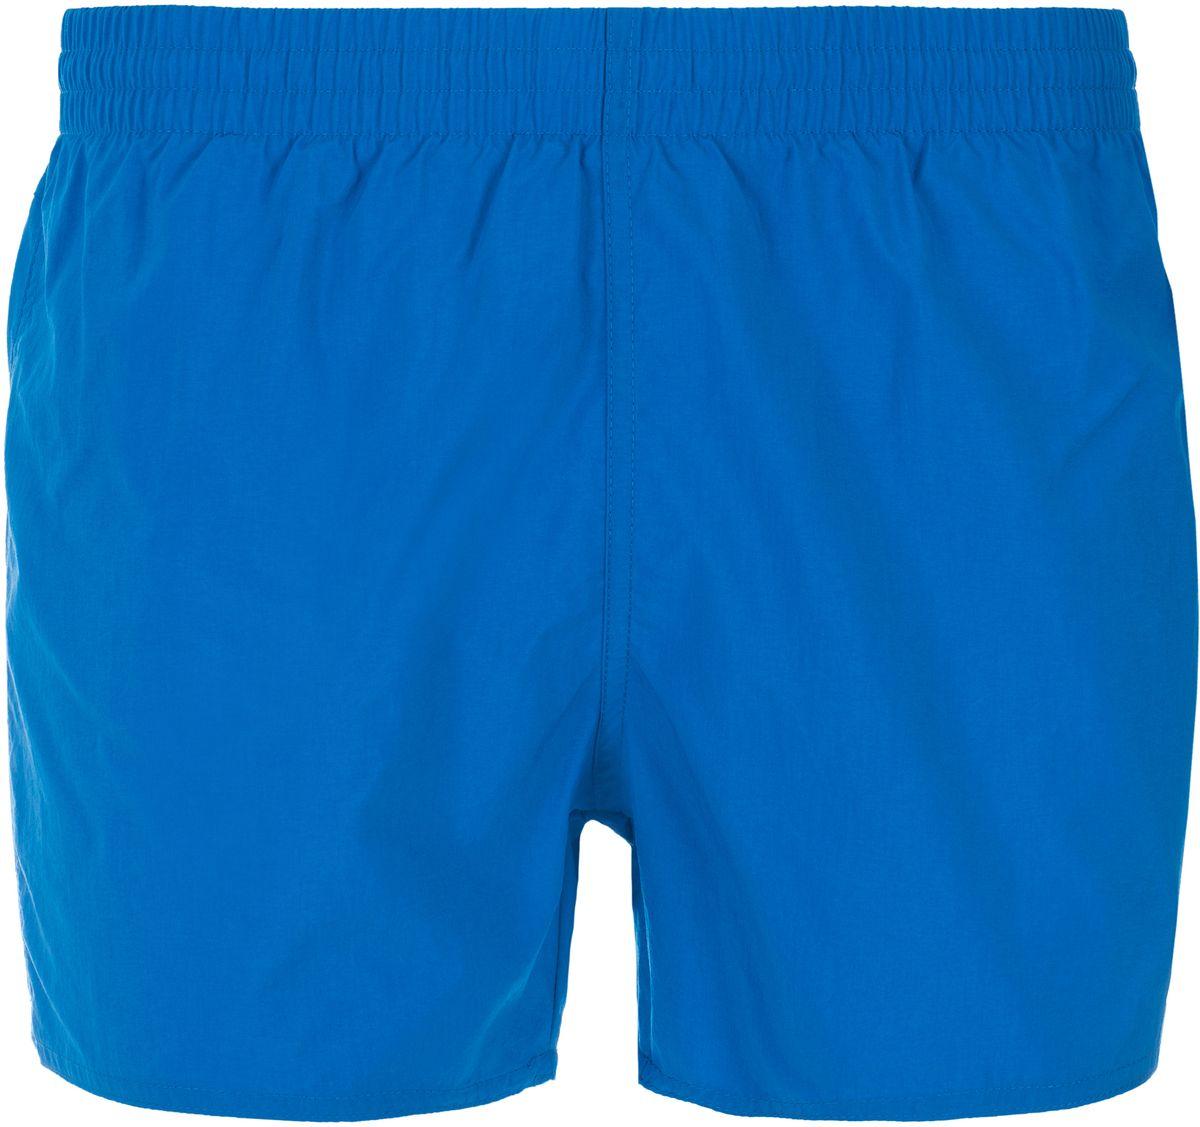 Шорты для плавания мужские Speedo Fitted Leisure 13 Watershort, цвет: голубой. 8-10609B446-B446. Размер M (48/50)8-10609B446-B446Мужские шорты для плавания Speedo Fitted Leisure 13 Watershort изготовлены из быстросохнущего материала. Легкая и прочная ткань со специальной обработкой Quick dry позволяет шортам быстро высыхать после намокания, не сковывает свободу движений. Материал с бархатистым эффектом имеет приятные тактильные свойства. Сетчатая несъемная вставка в виде трусов-слипов обеспечивает необходимую циркуляцию воздуха. Эластичный пояс со скрытым затягивающимся шнурком позволяет отрегулировать посадку точно по фигуре. По бокам расположены два прорезных кармана, подкладка которых выполнена из сетки, сзади - один накладной карман с клапаном на липучке. На карманах предусмотрена система слива воды. Изделие оформлено принтовой надписью, содержащей название бренда. Такие шорты - идеальный выбор для отдыха, купания и активных игр на пляже. В них вы всегда будете чувствовать себя уверенно и комфортно!